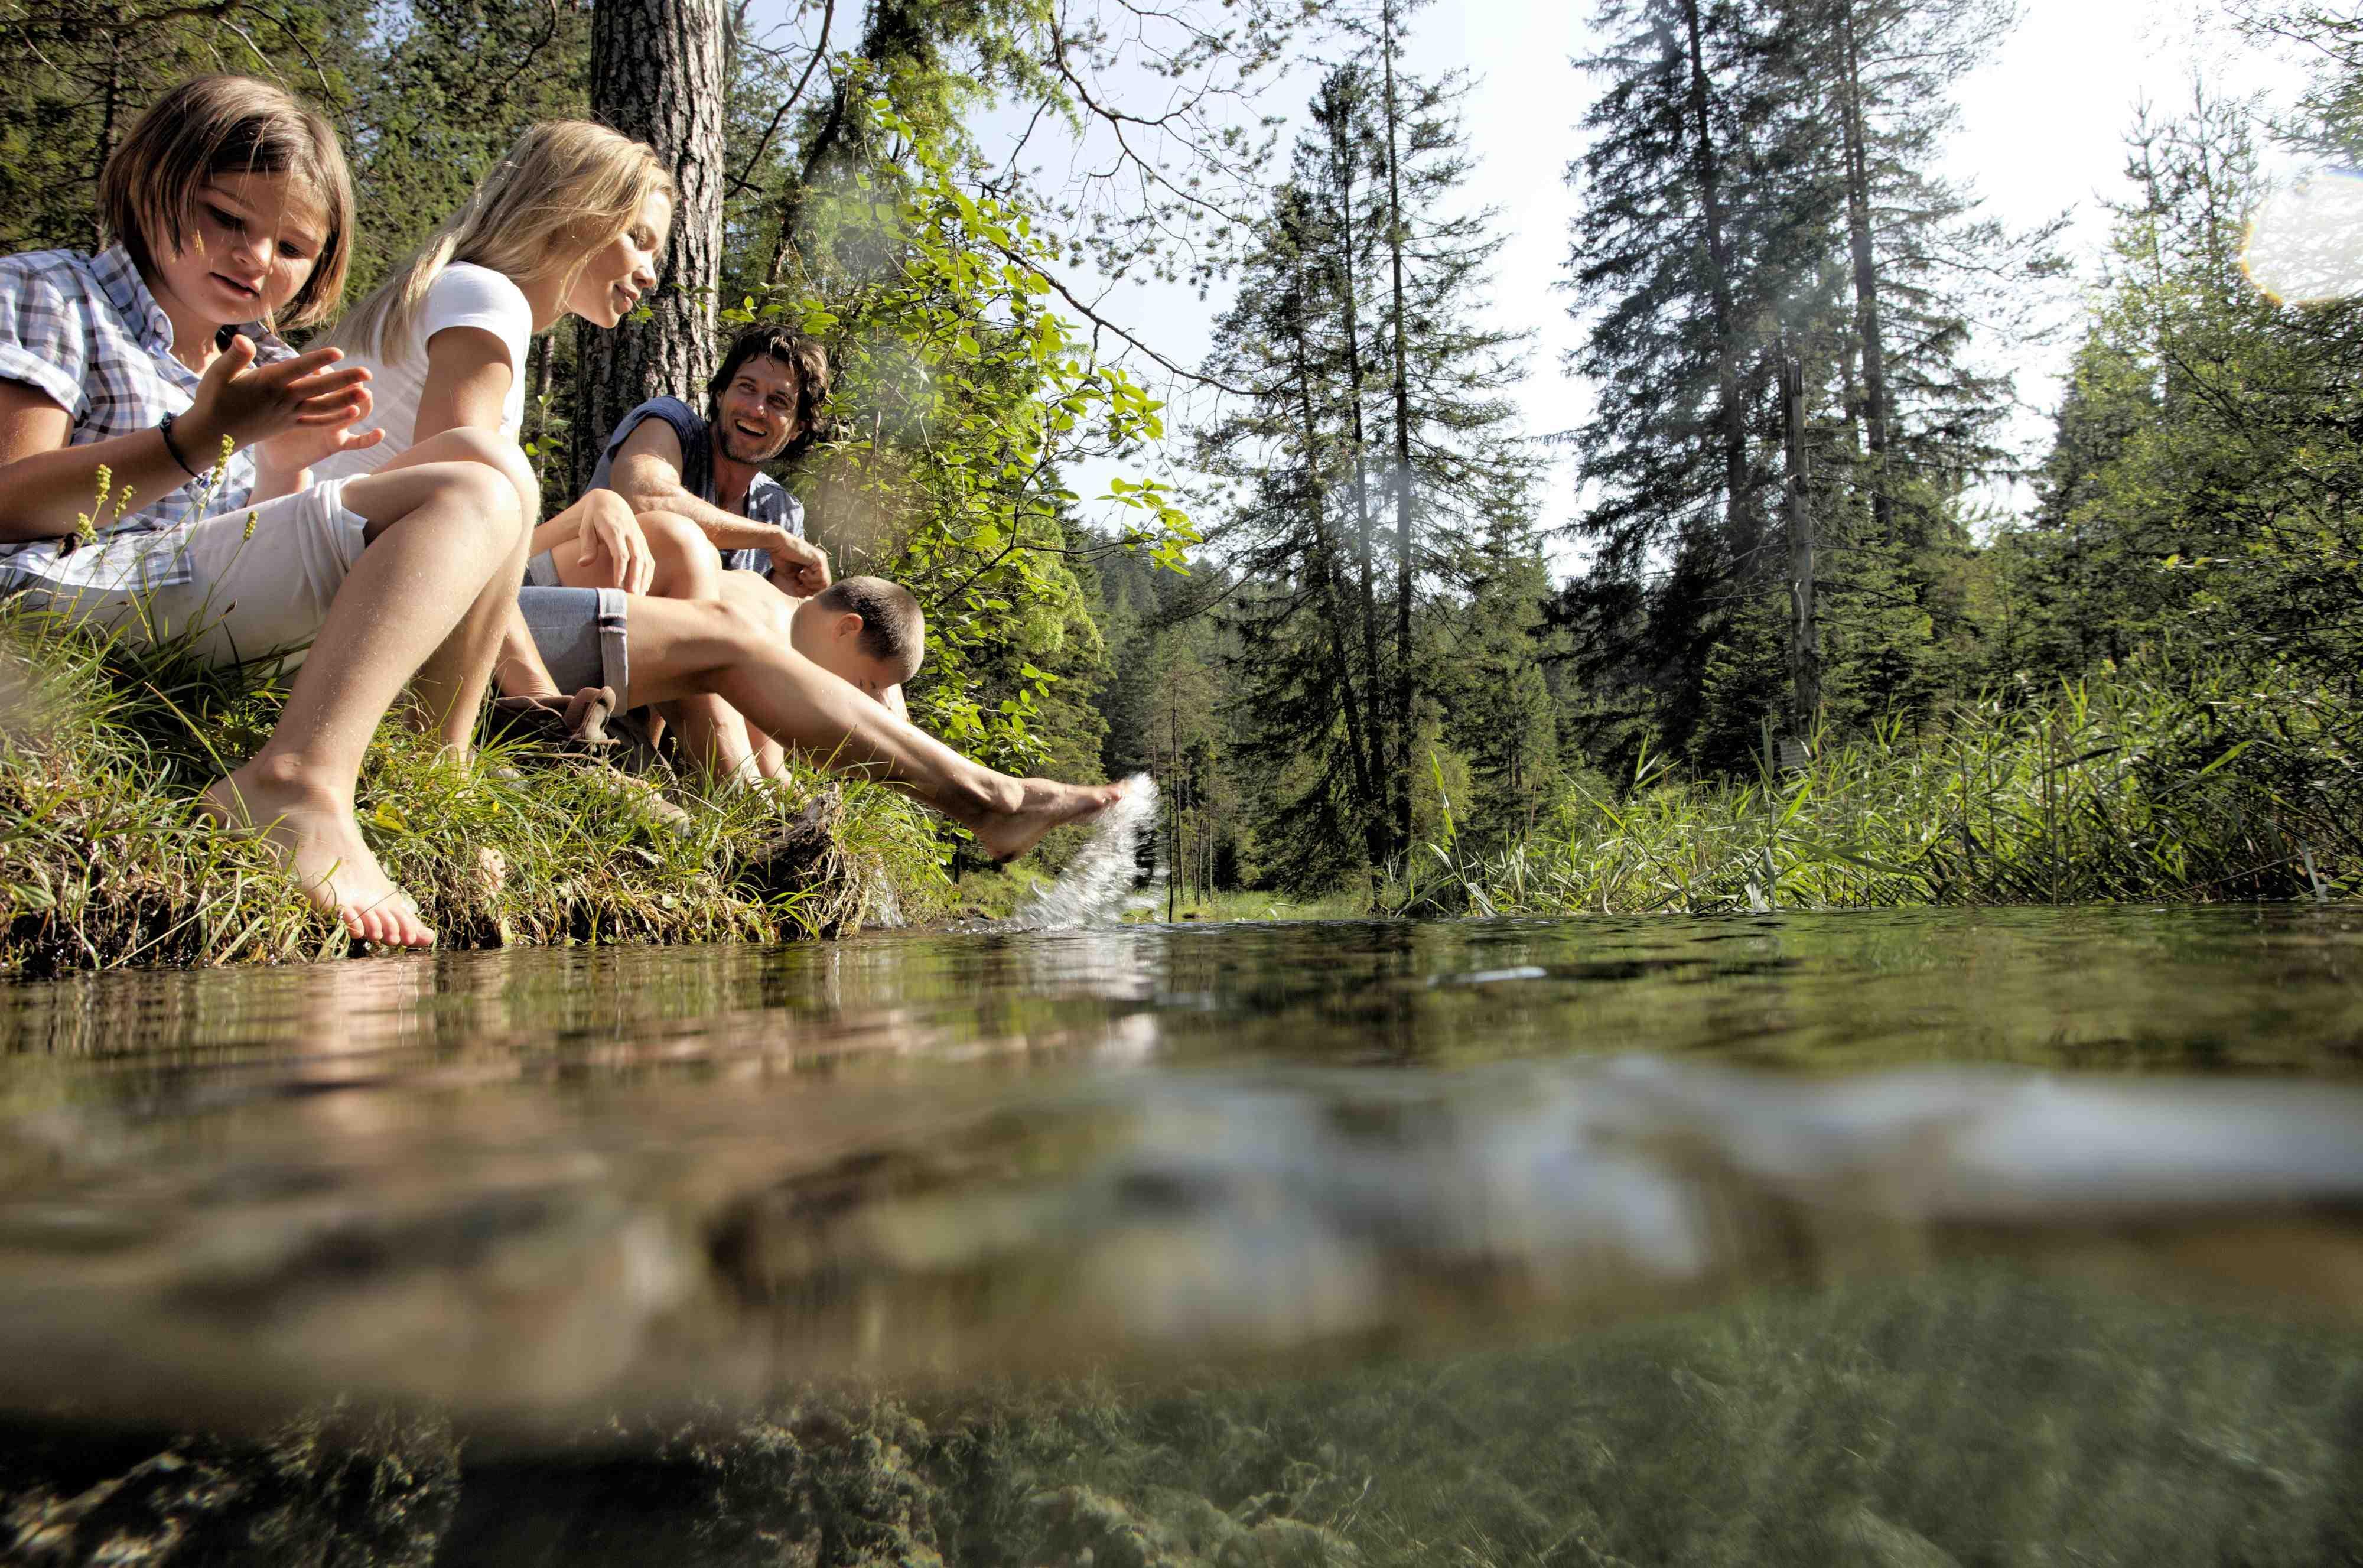 Wasser marsch! Im Sommer 2013 feiert der Wassererlebnisweg an der Tiroler Zugspitz Arena seine Premiere. Schaut doch mal vorbei mit Eueren Wassernixen und Wassermännern. Copyright: Tiroler Zugspitz Arena/U. Wiesmeier